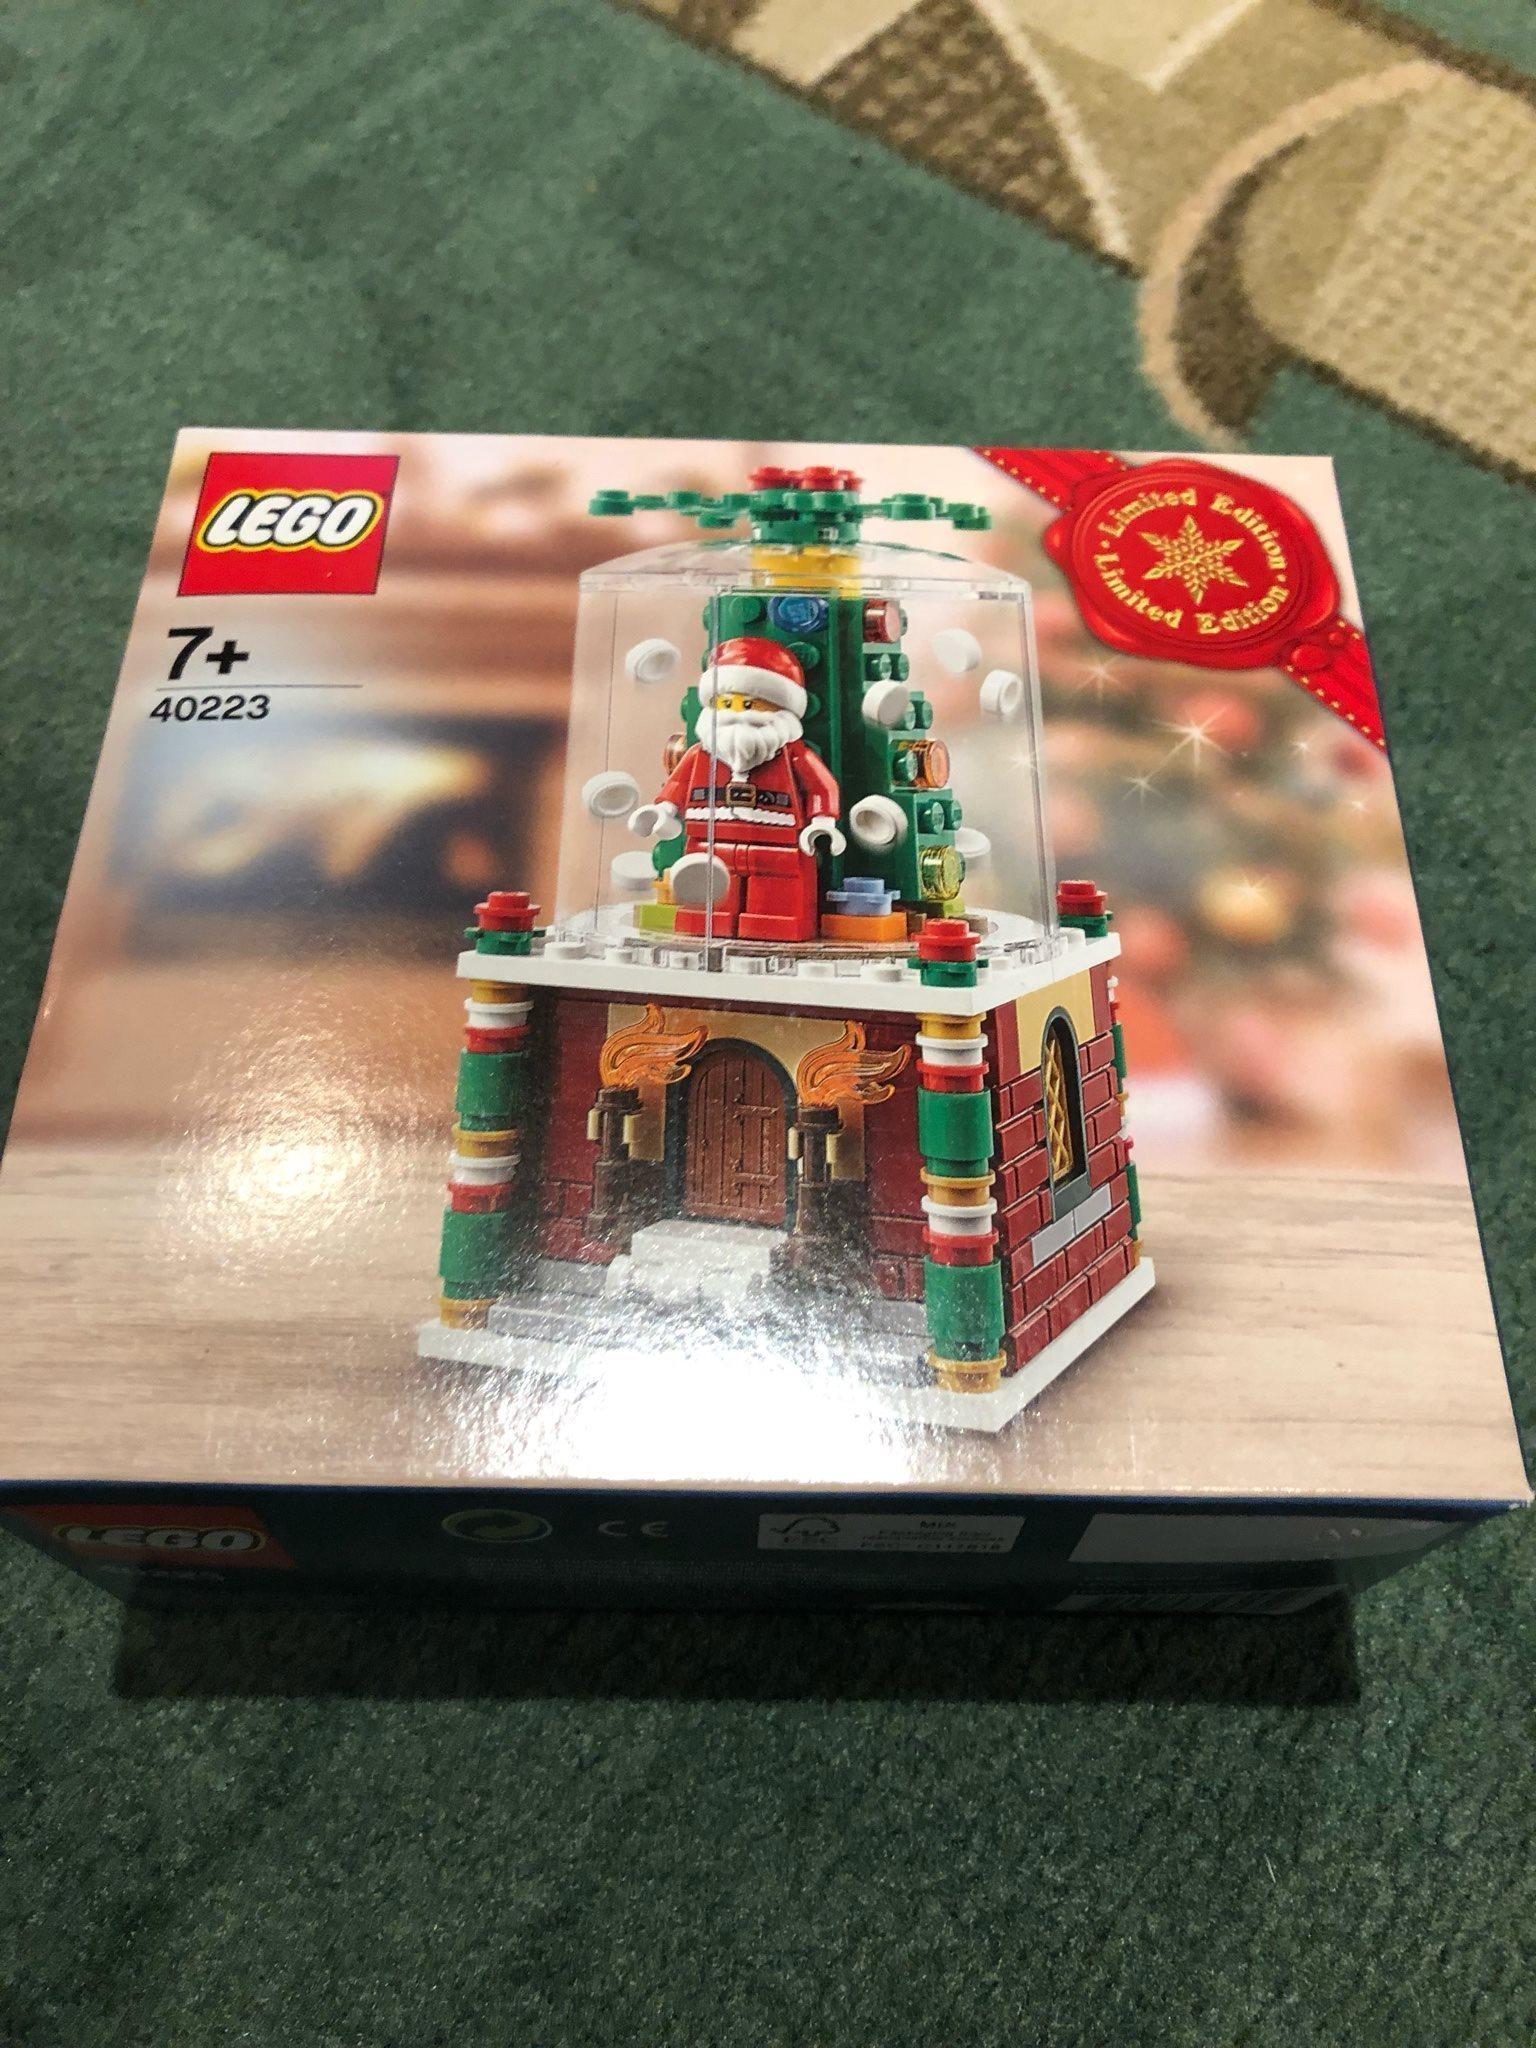 Promo Lego 40223 Snowglobe Terbaru 2018 Yong Ma Mc 5700 15l Magic Com Digital Pemanas 3d Helt Ny 318537047 Kp P Tradera